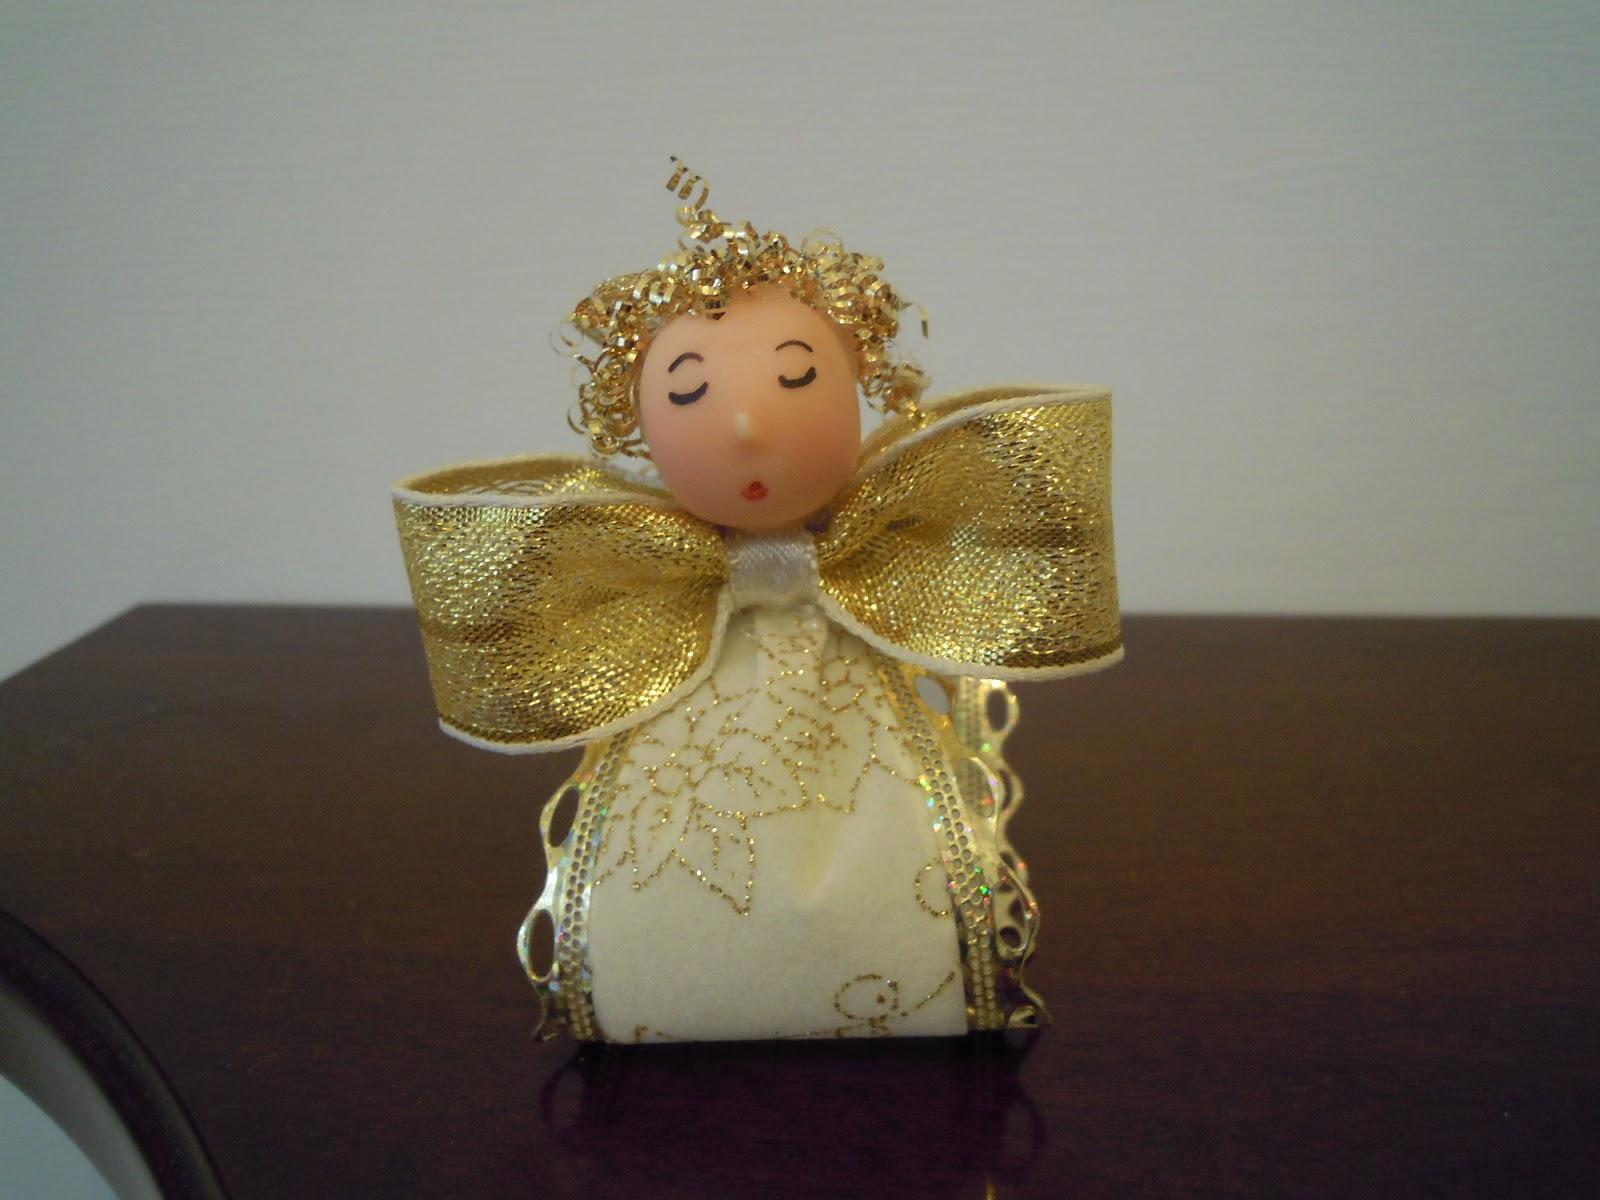 http://labottegacreativadieli.blogspot.it/2012/11/oggi-vi-voglio-presentare-delle.html